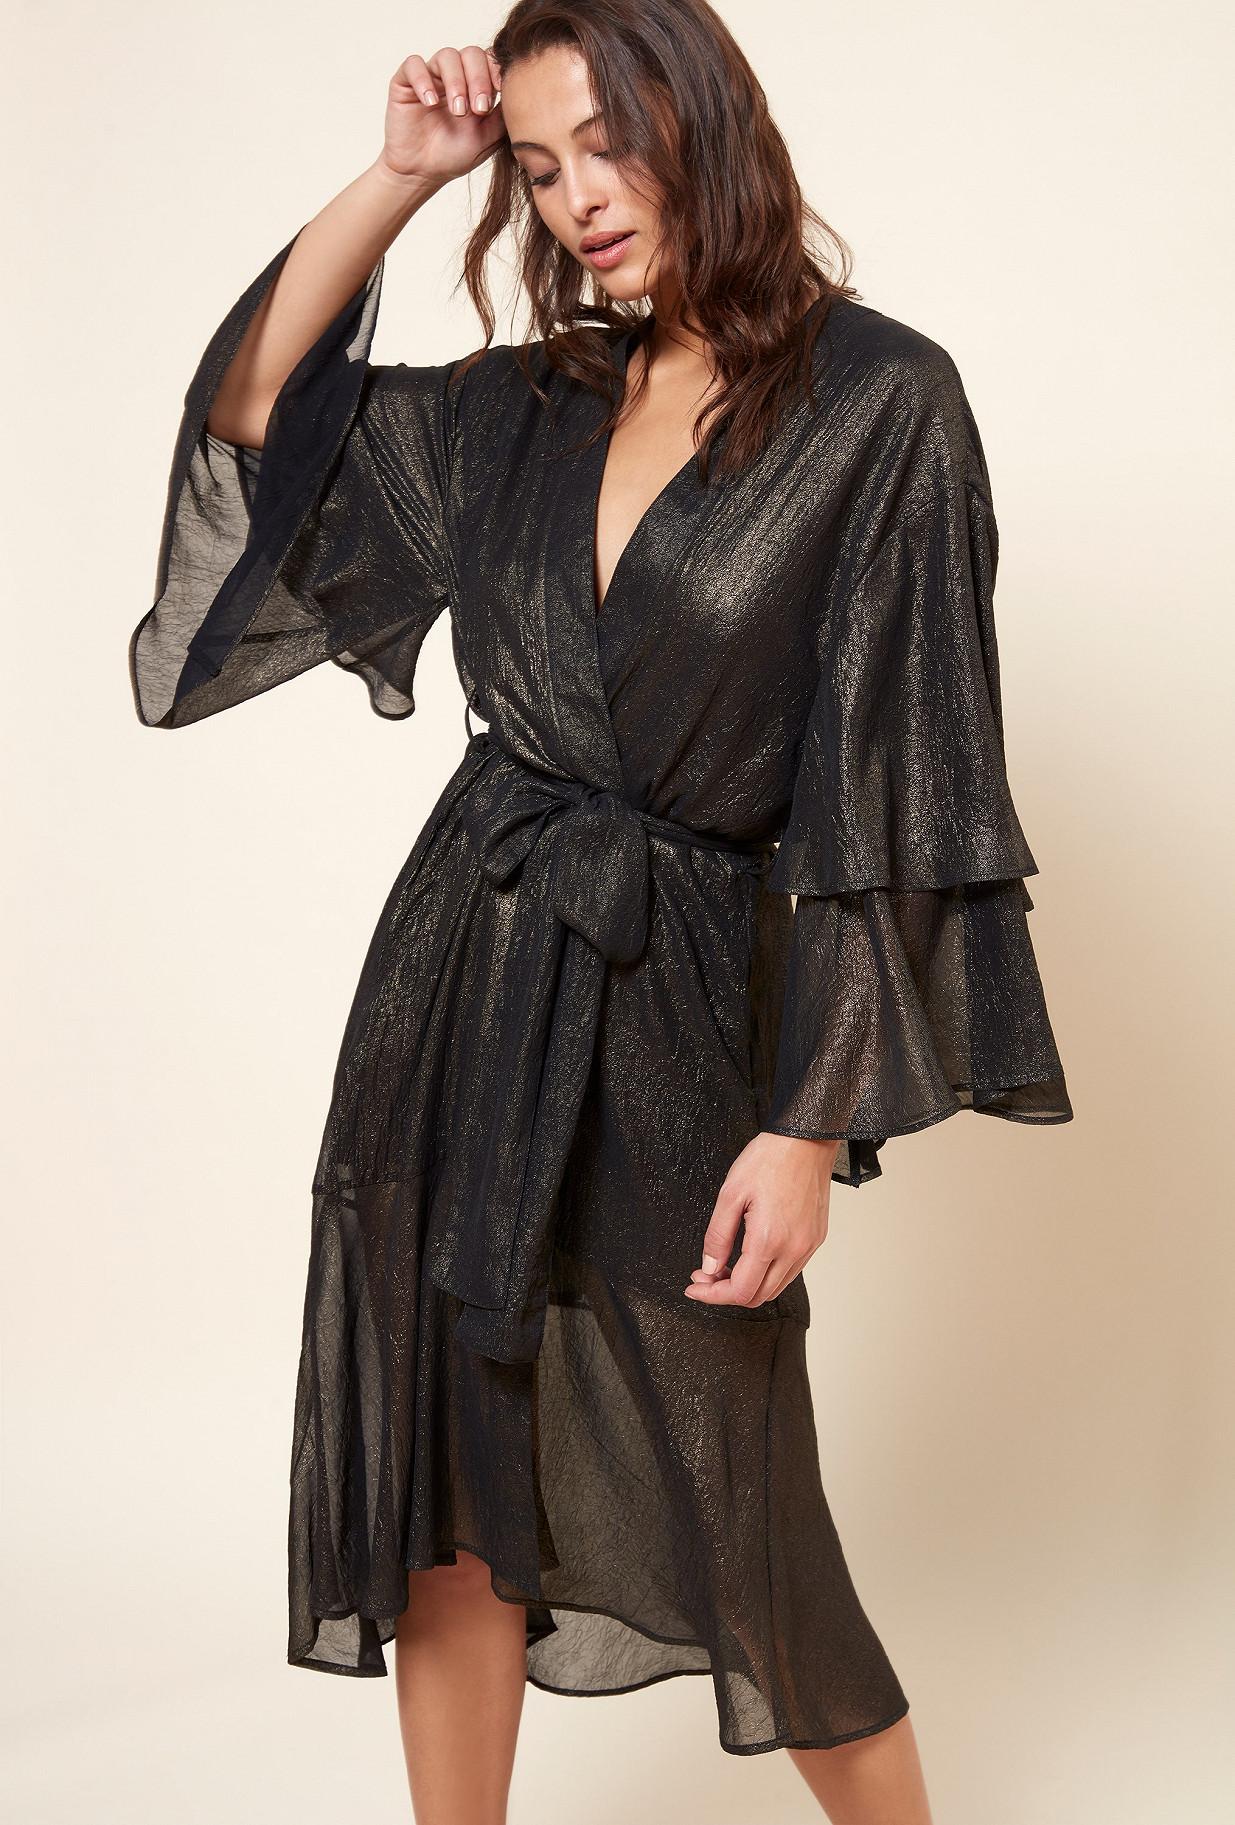 KIMONO Bronze  Reflexion mes demoiselles paris vêtement femme paris